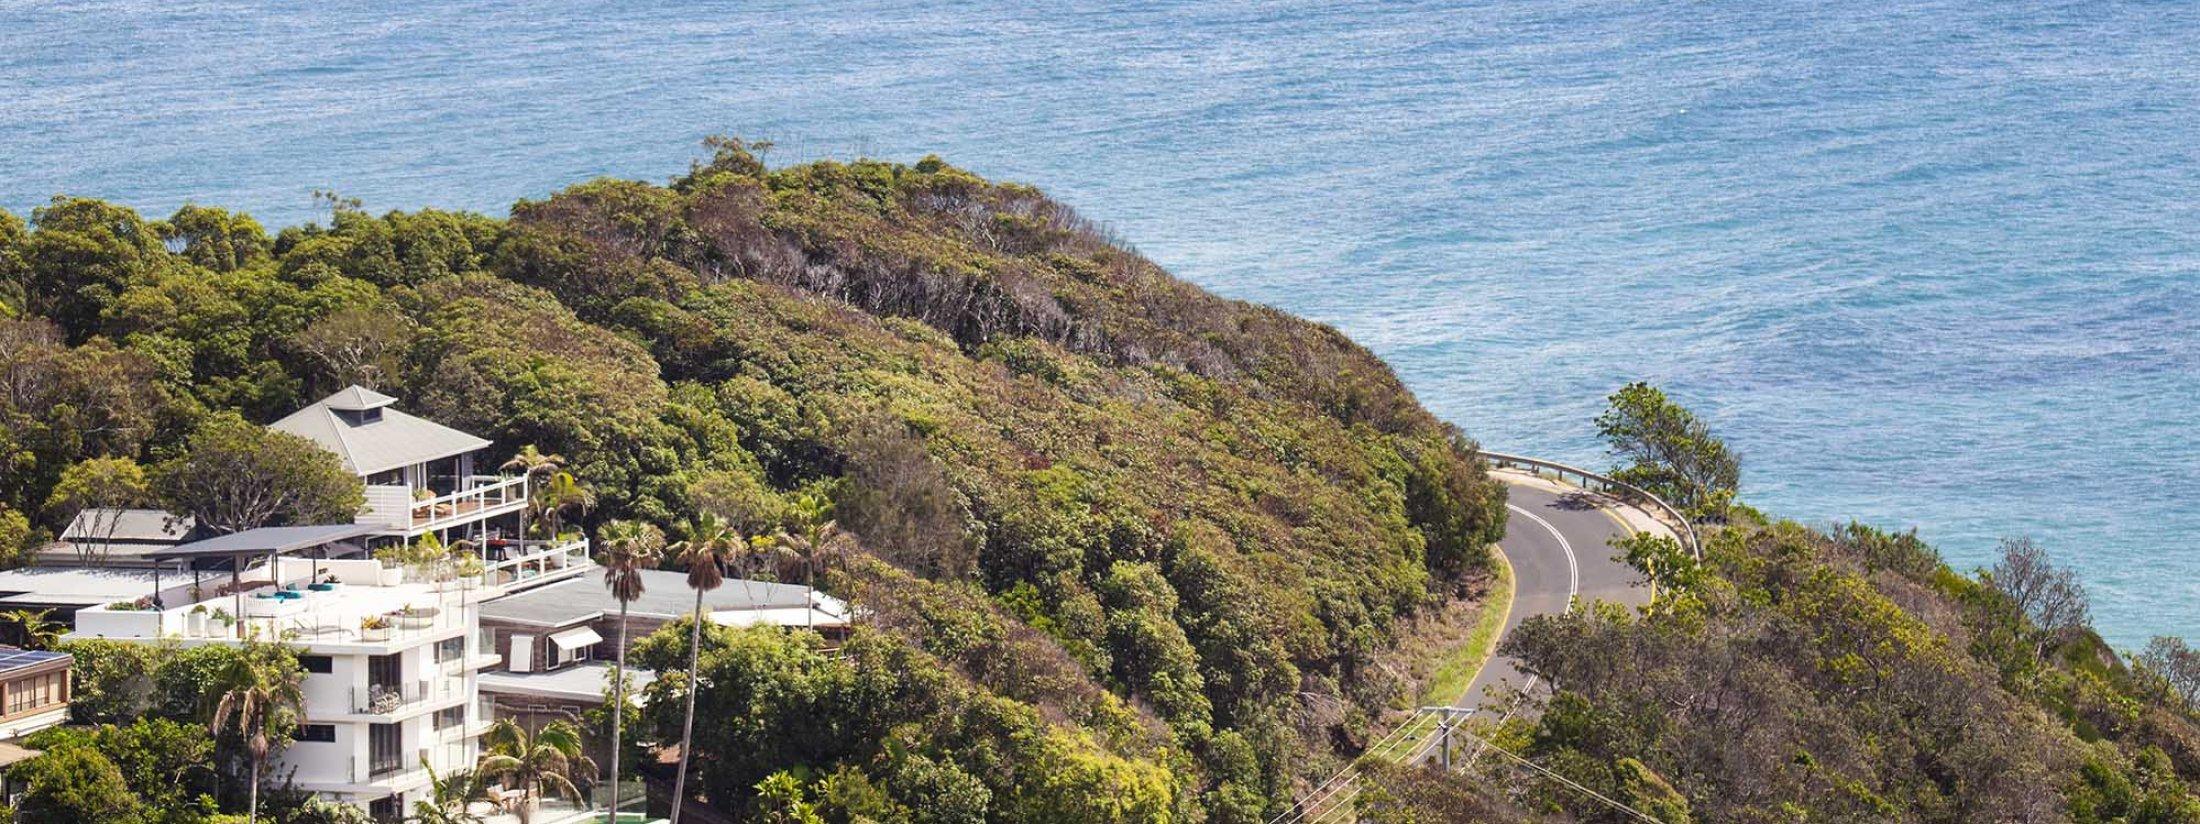 The Palms at Byron - Byron Bay - Wategos Headland Location